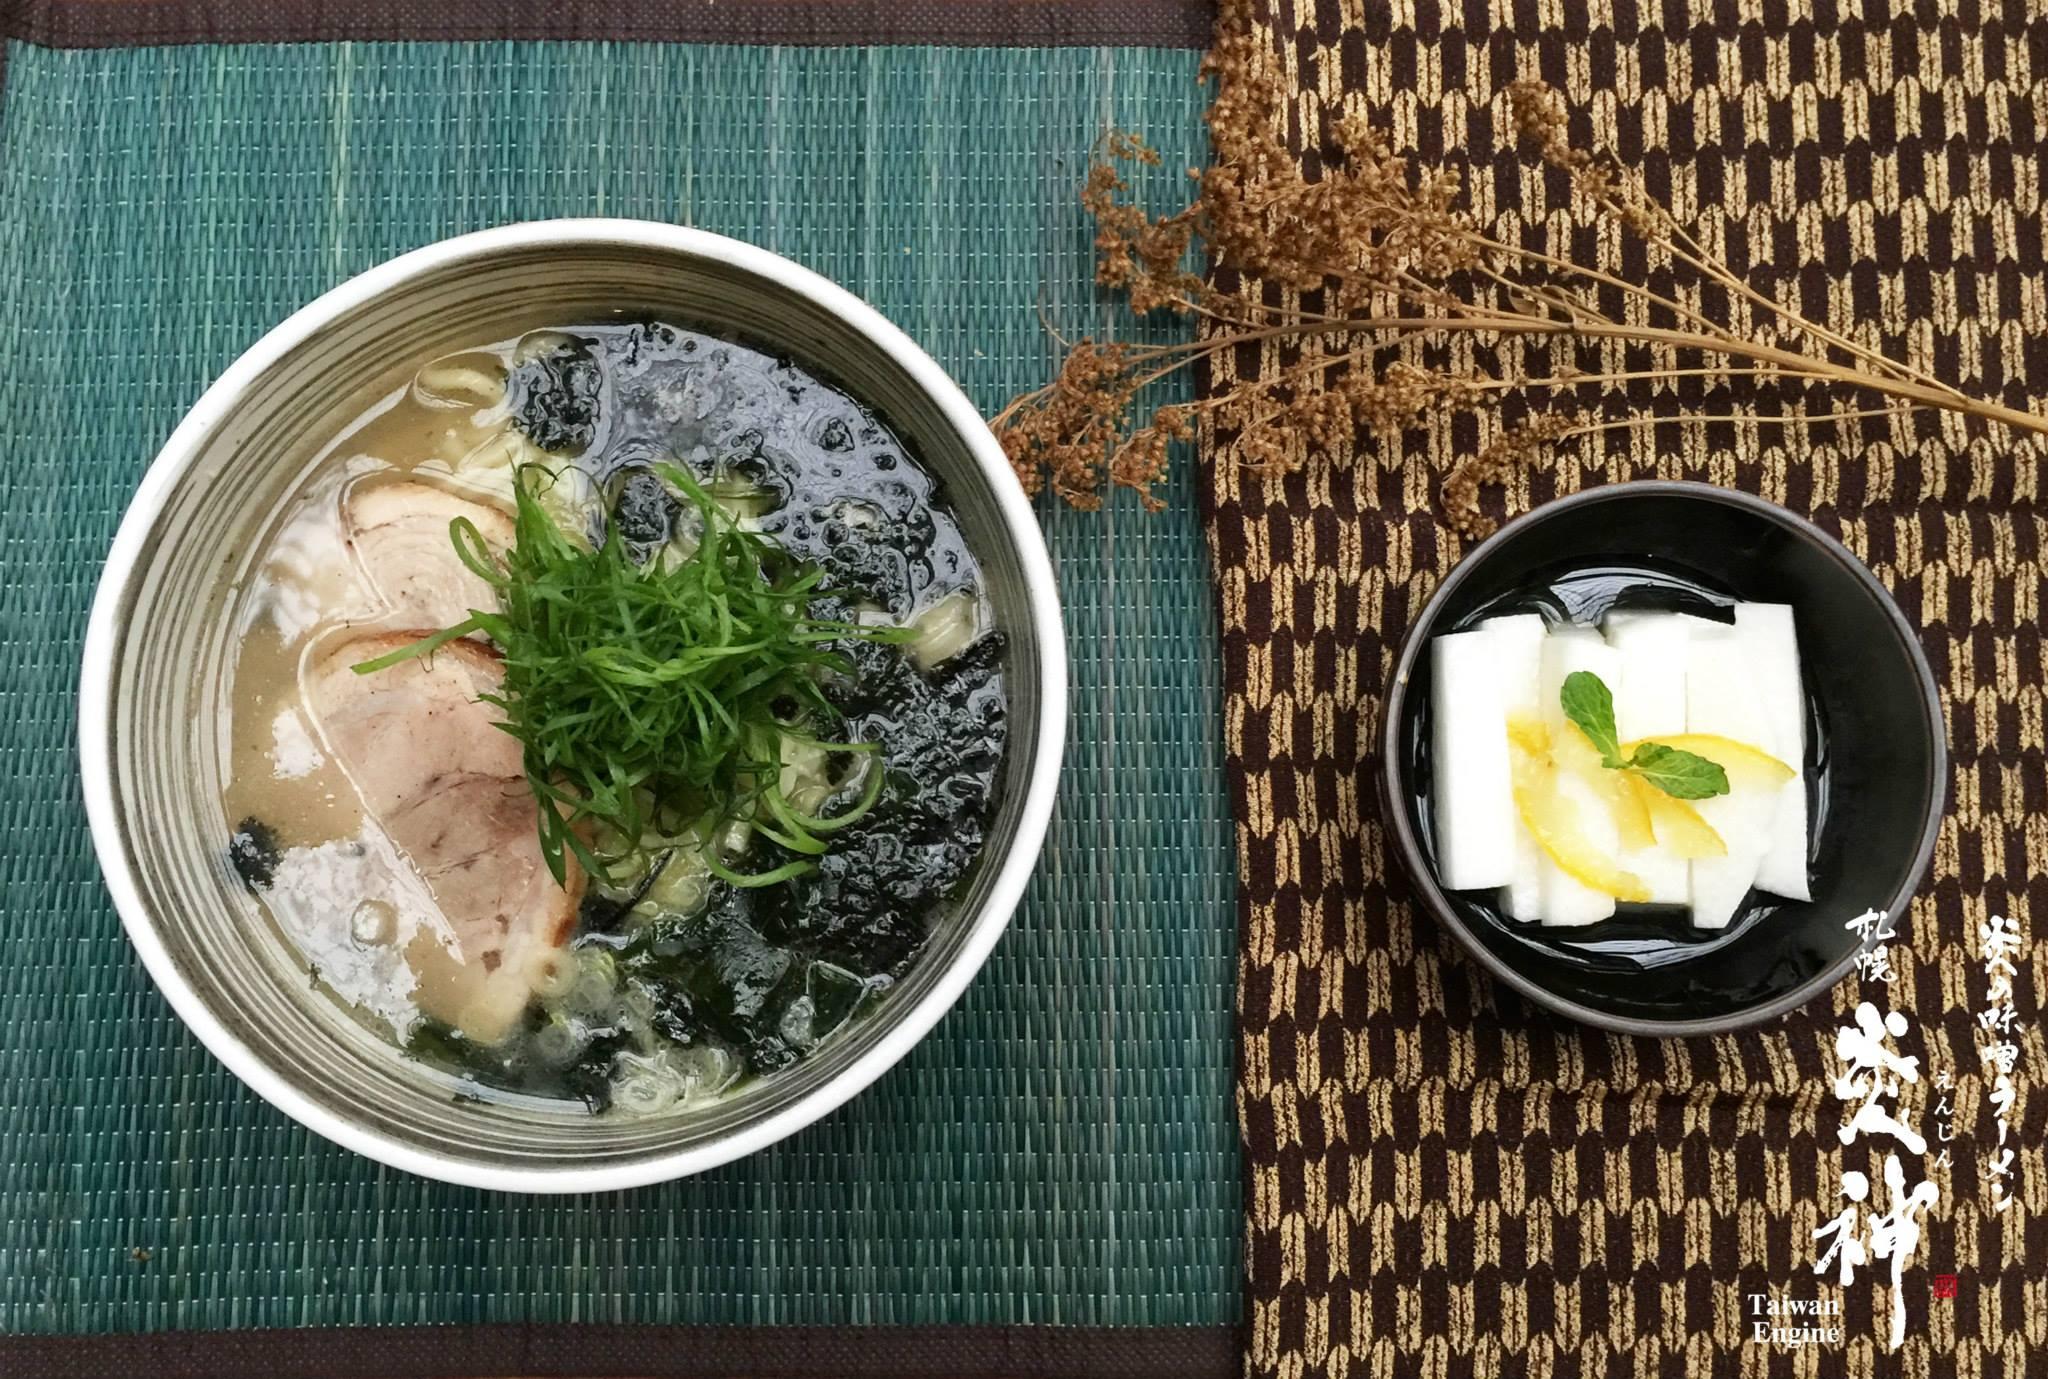 挑戰 ⌈台北拉麵一級戰區⌋ !東區必吃 13家日本拉麵【全攻略】